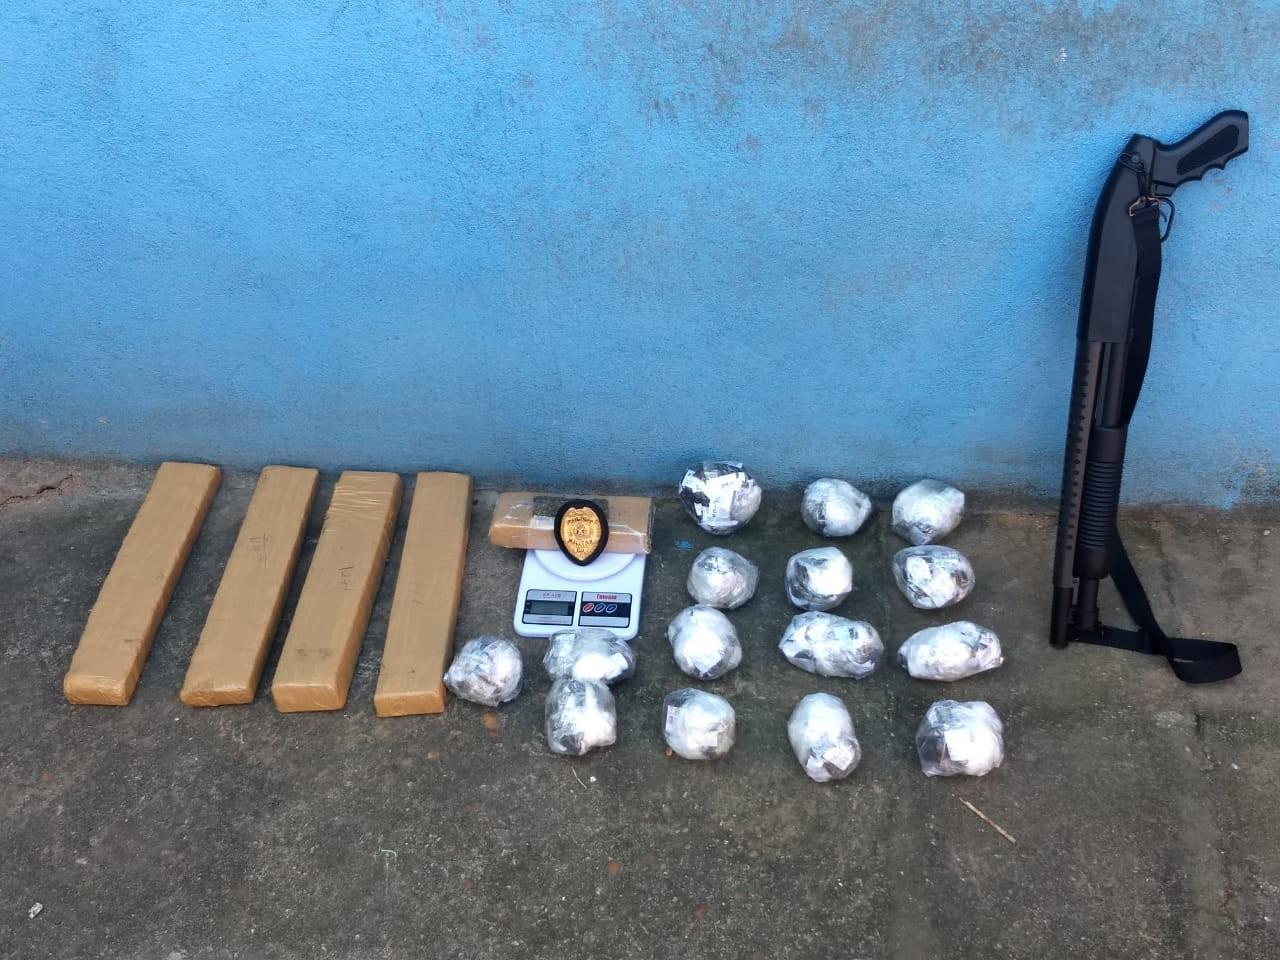 Casal é preso com mais de 600 cápsulas de cocaína em Resende - Notícias - Plantão Diário